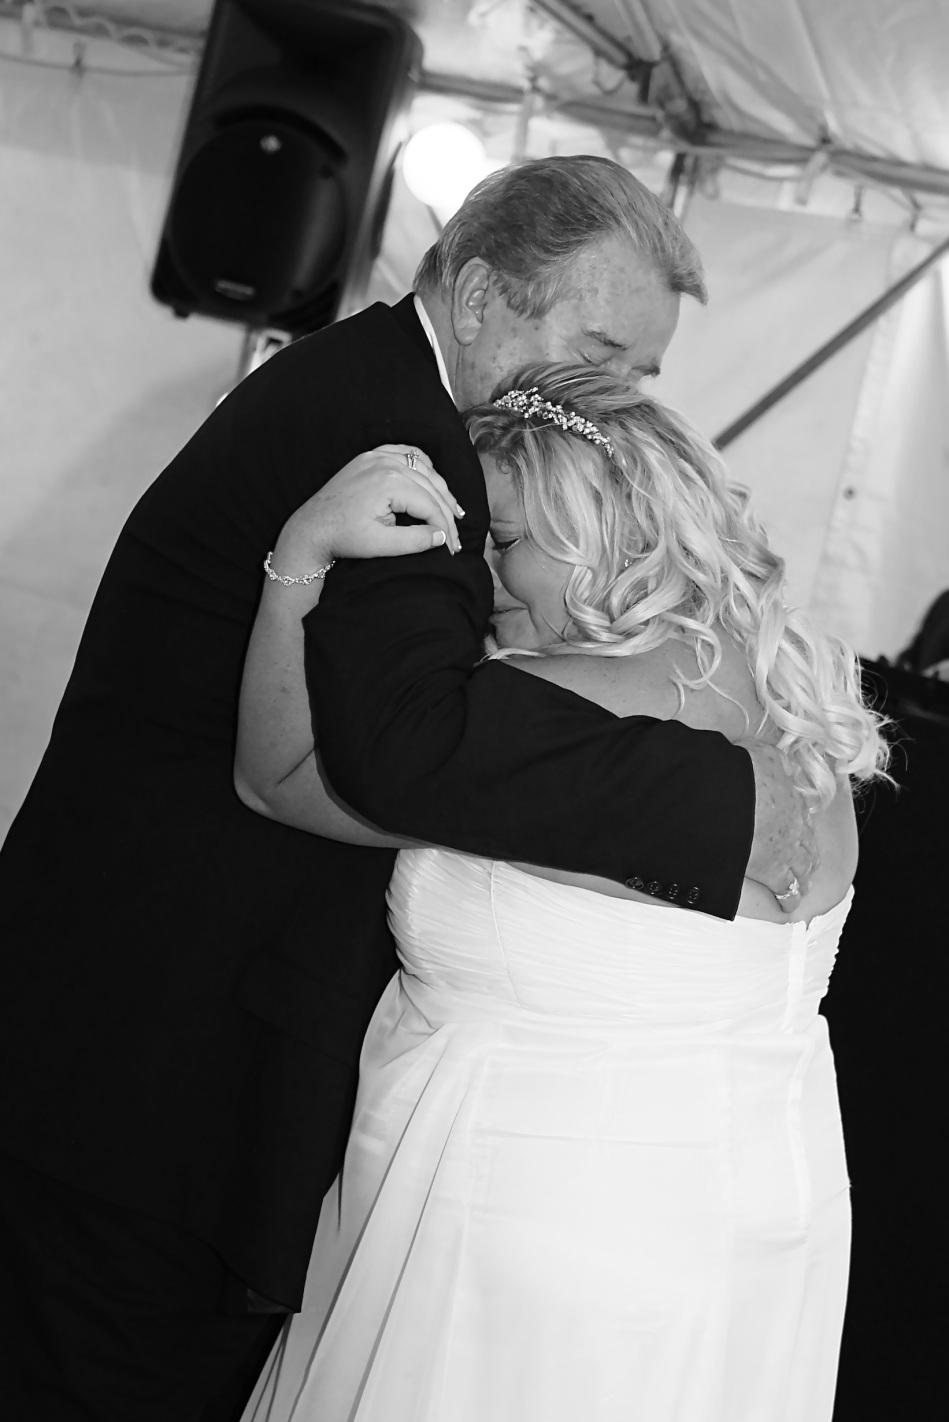 #justmarried, #njwedding, #apicturesquememoryphotography, #weddingphotography, #weddings, #parentsdance, #weddingphotographer, #bride, #pomptonlakesnjwedding